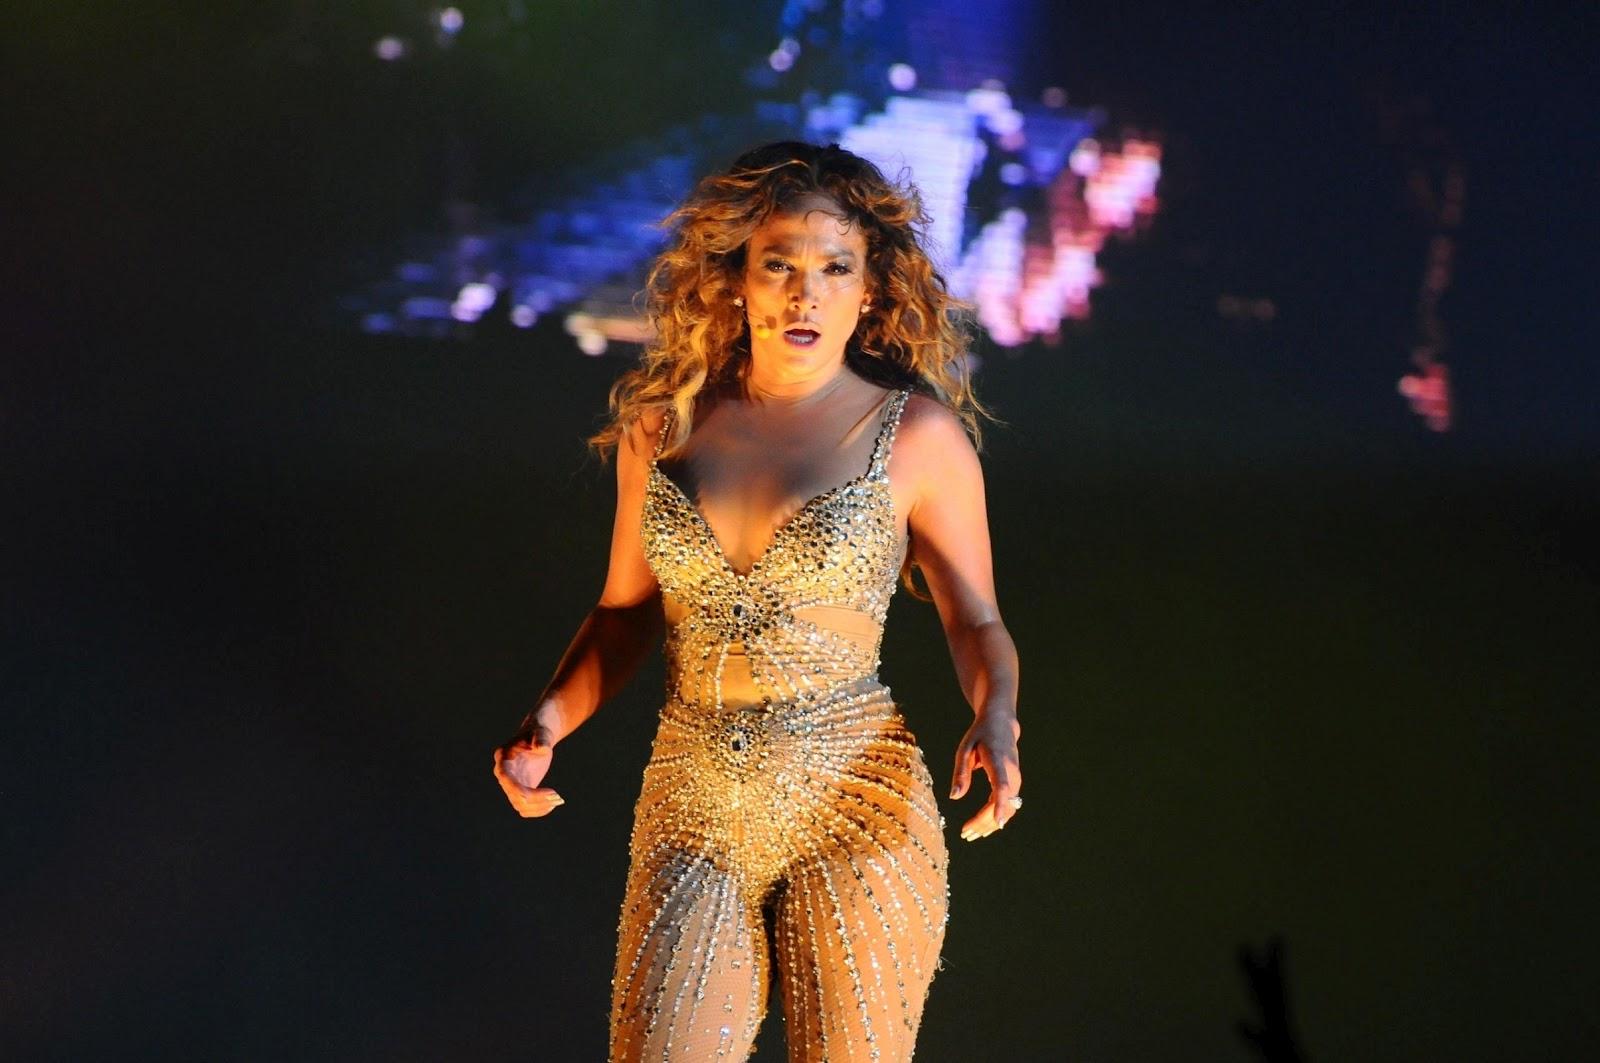 http://1.bp.blogspot.com/-f16WQ2SbvAU/T_M9N2H_6wI/AAAAAAAAJT0/1Gmd3-i8UGc/s1600/Jennifer+Lopez+Wet+-+Arte+Music+Festival+in+Brazil+10.jpg